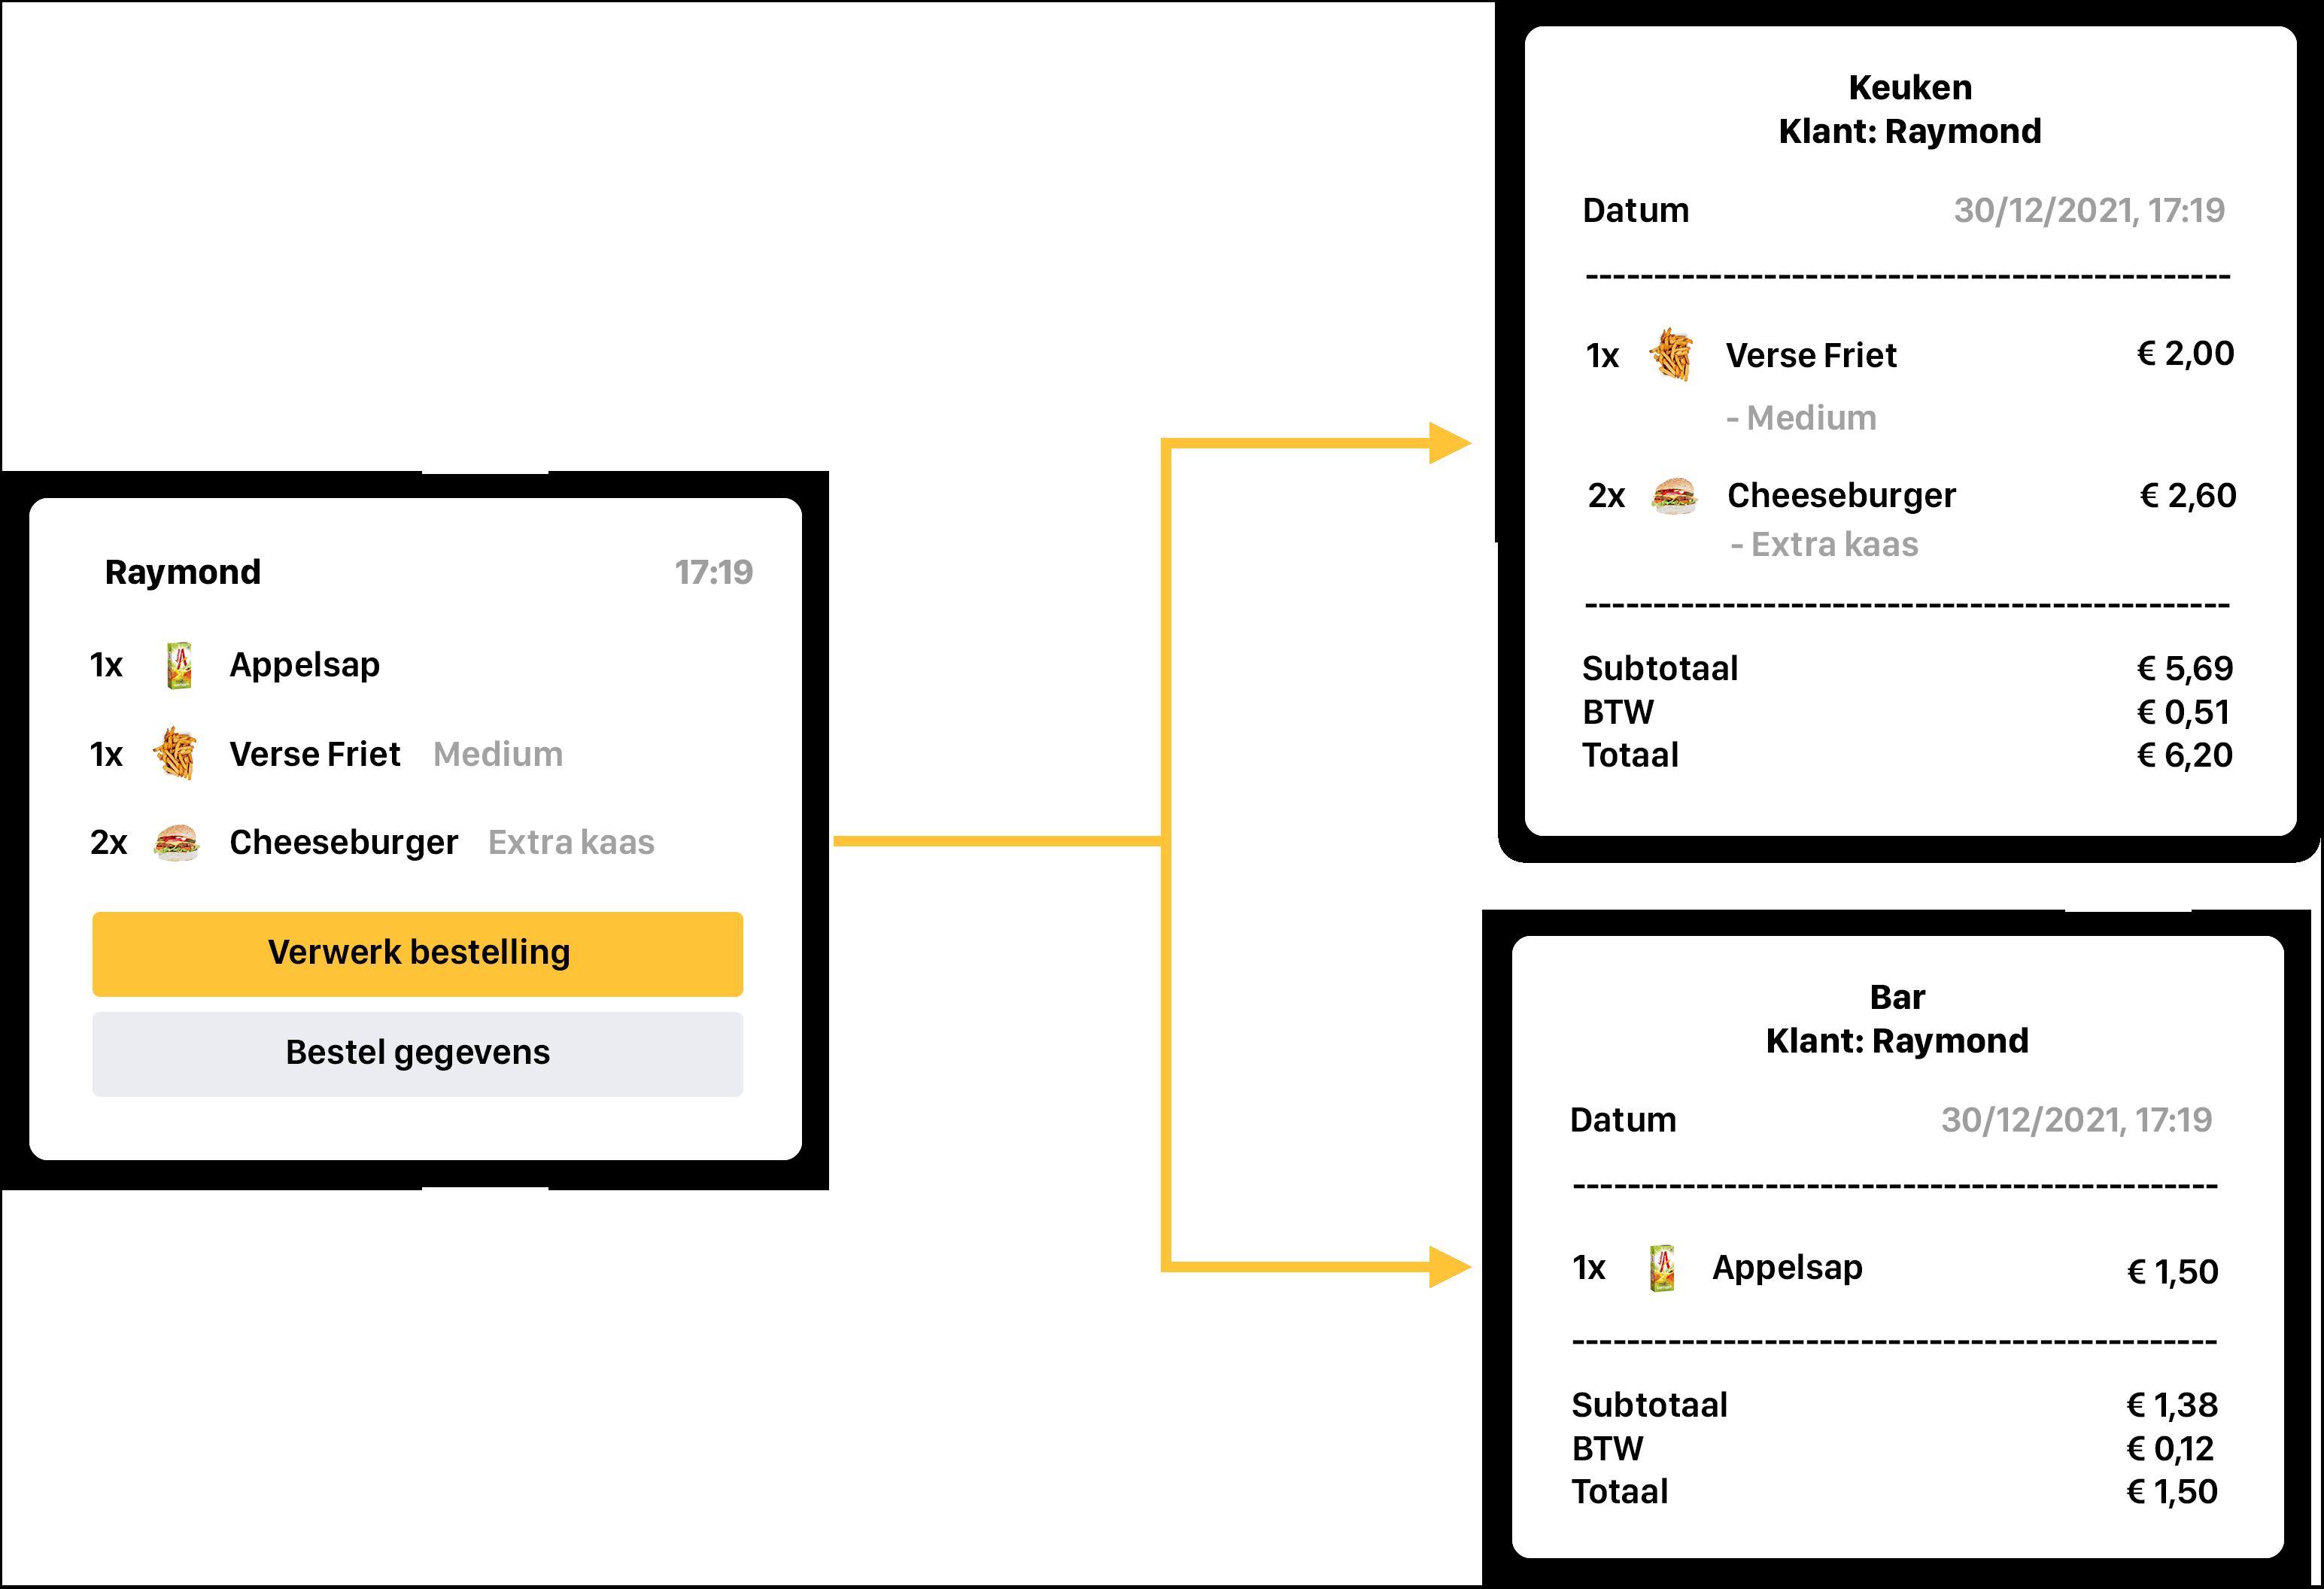 Een overzicht hoe wij de bonprinters kunnen aansturen om bepaalde delen van de bon uit te printen. Dit is een van de software mogelijkheden van Onesix.